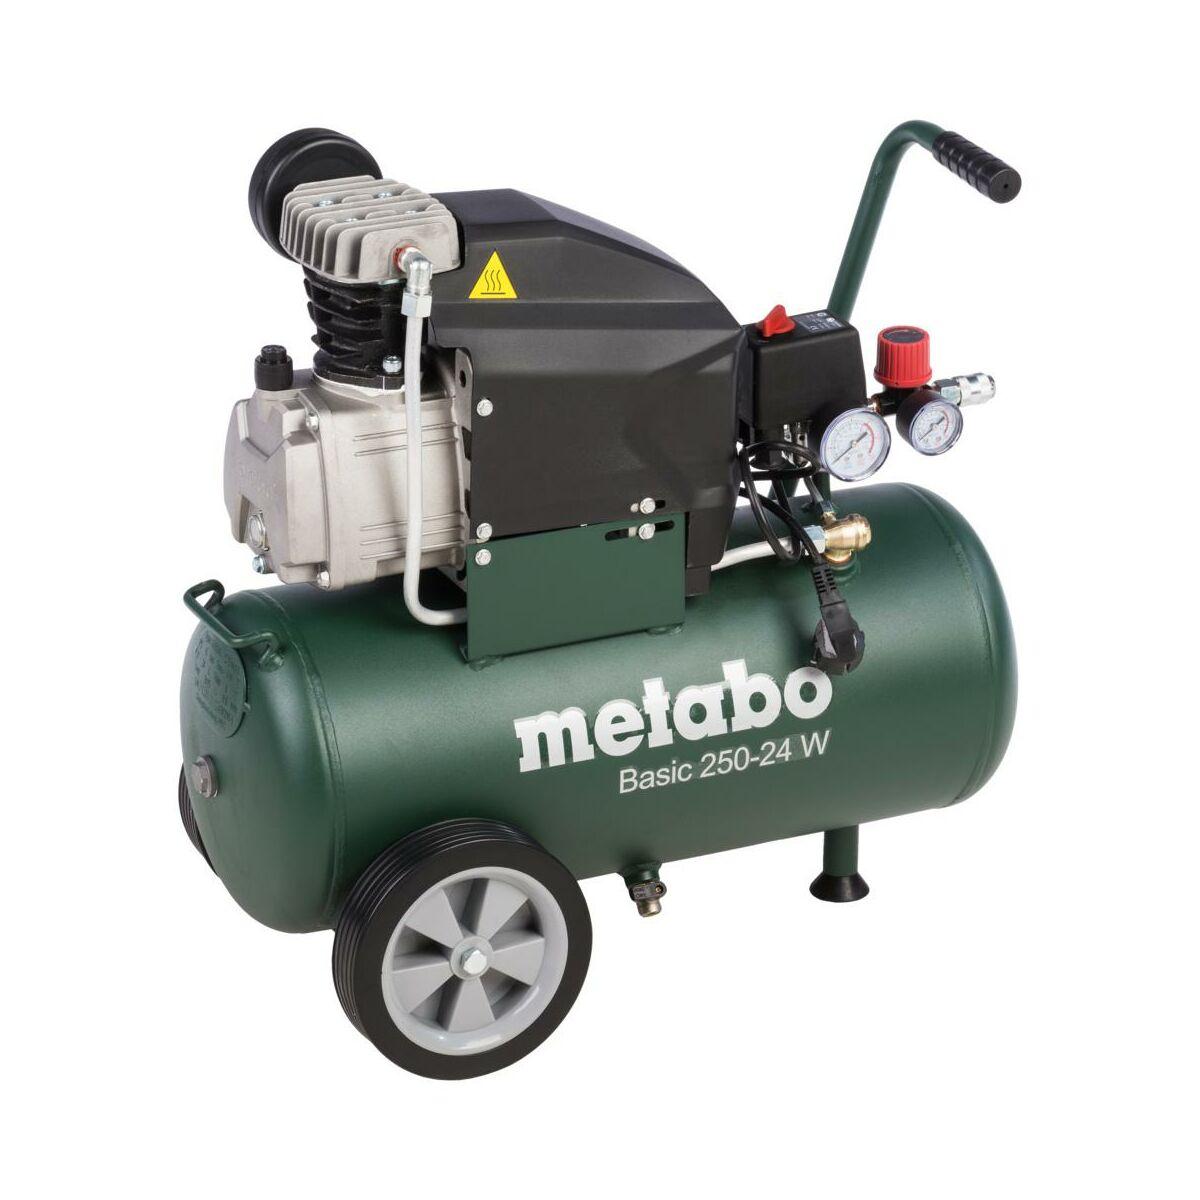 kompresor olejowy basic 250 24 w 24 l metabo kompresory w atrakcyjnej cenie w sklepach leroy. Black Bedroom Furniture Sets. Home Design Ideas